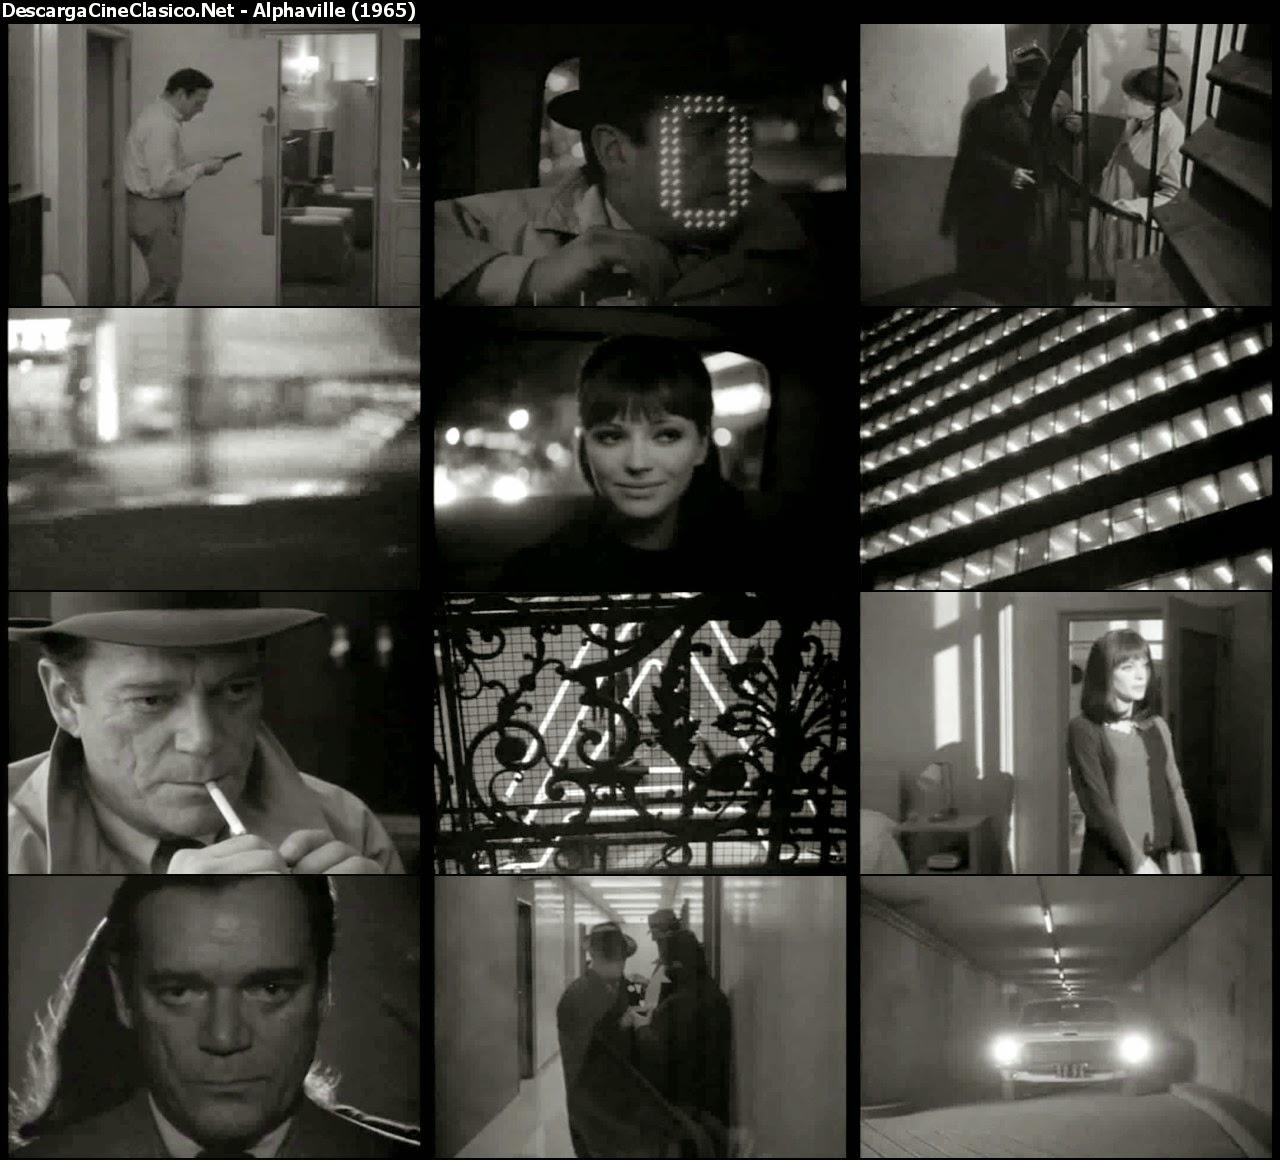 Lemmy contra Alphaville (1957)